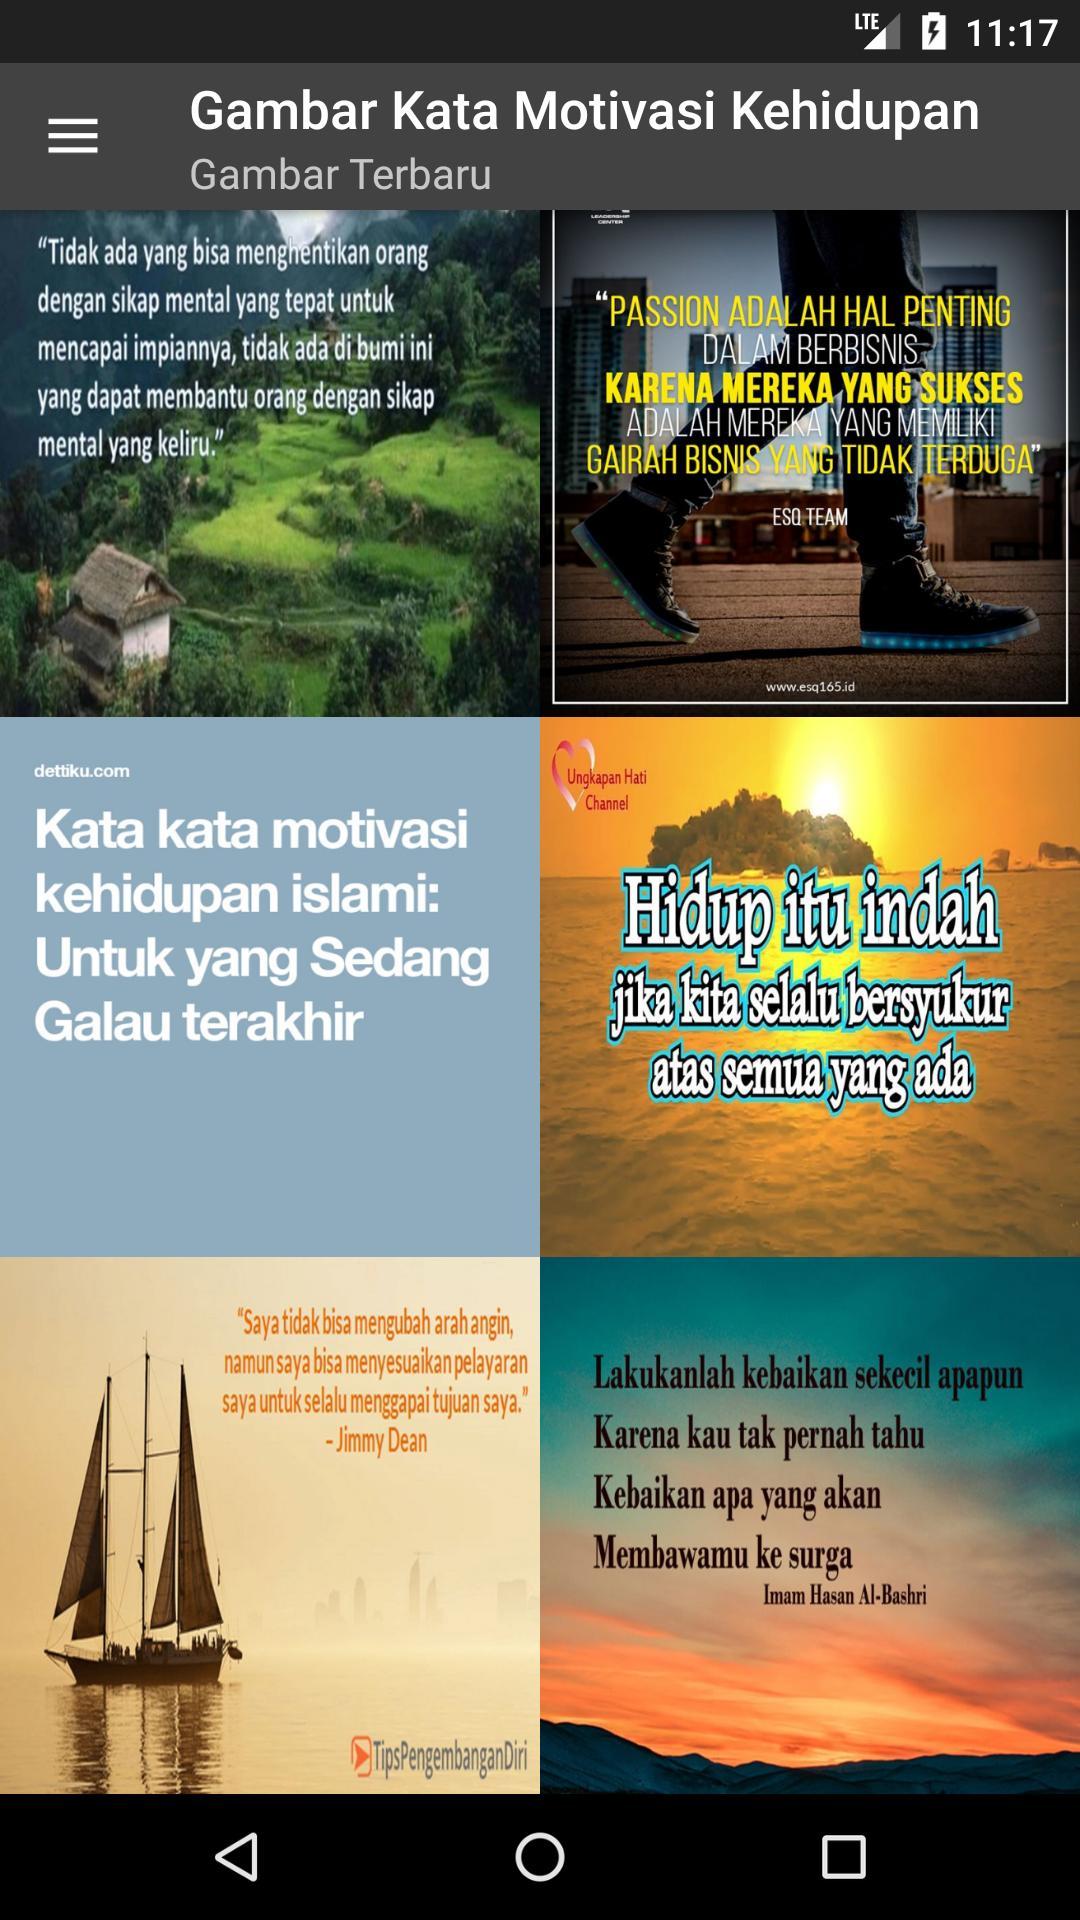 95 Koleksi Foto Gambar Kata Motivasi Hidup HD Terbaru